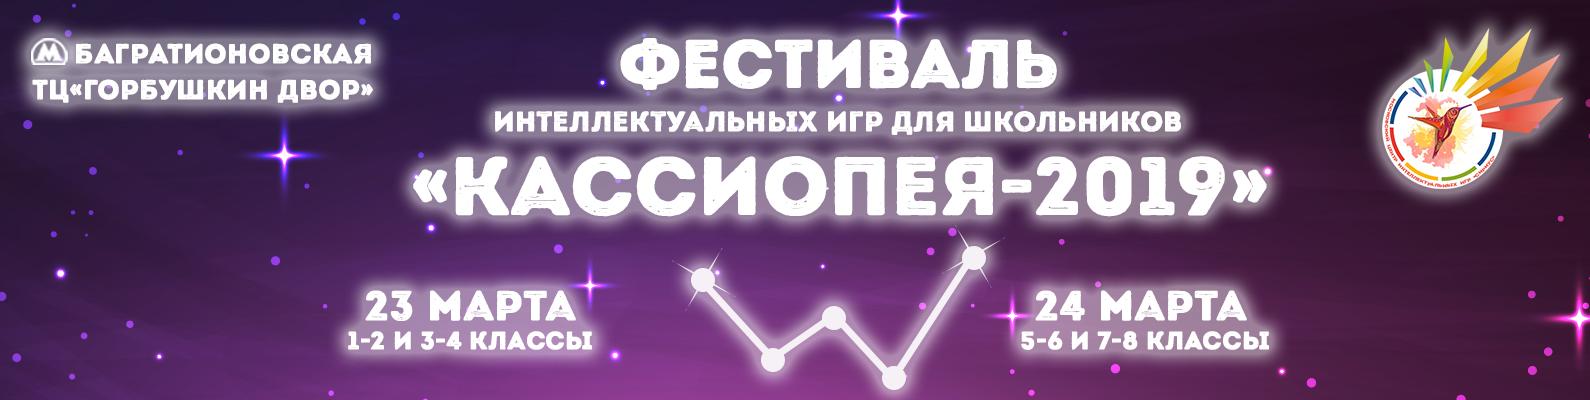 """Фестиваль интеллектуальных игр для школьников """"КАССИОПЕЯ-2019"""""""